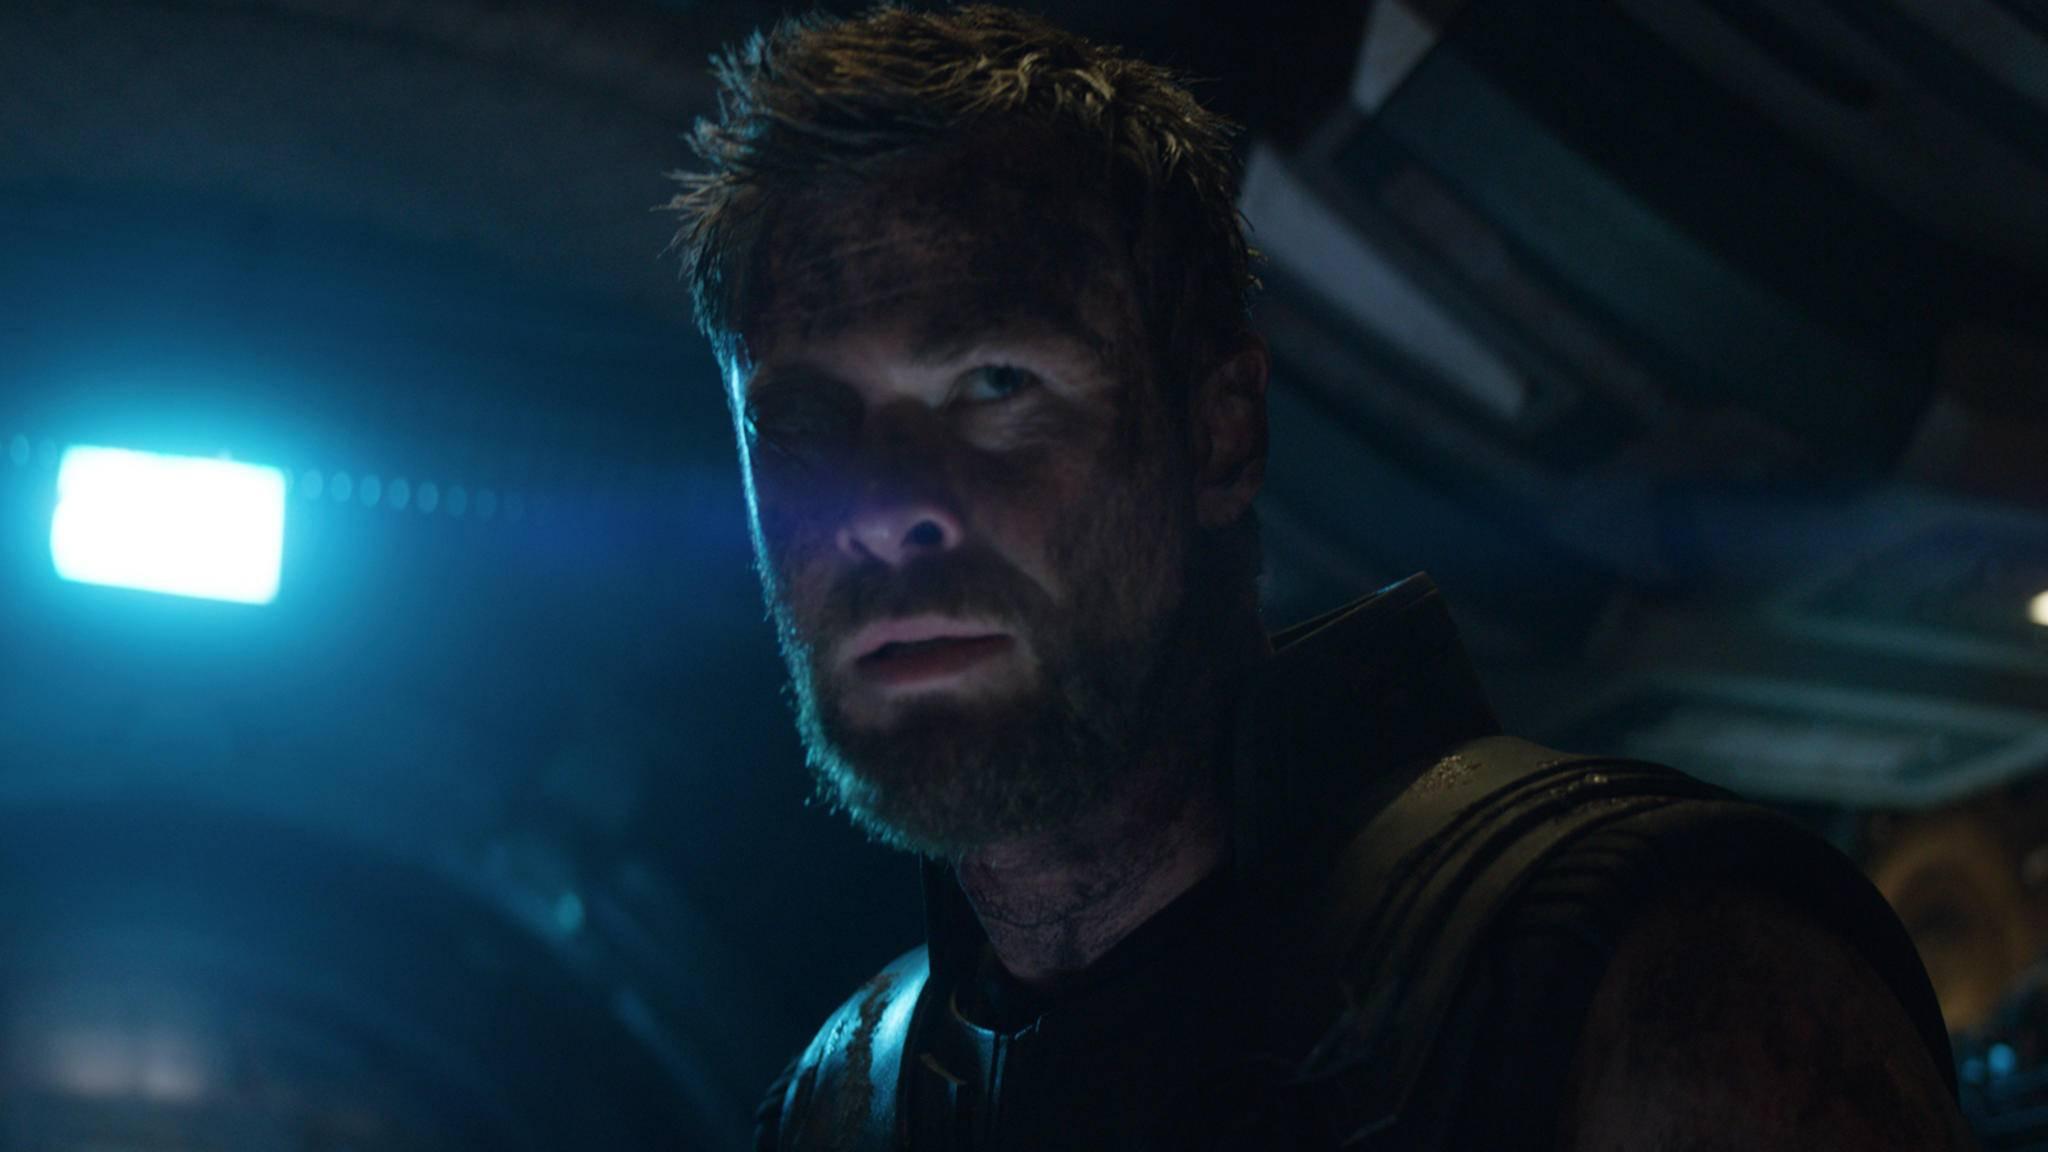 """Ob bei Chris Hemsworth zum """"Infinity War"""" der Blitz der Gehaltserhöhung eingeschlagen hat?"""